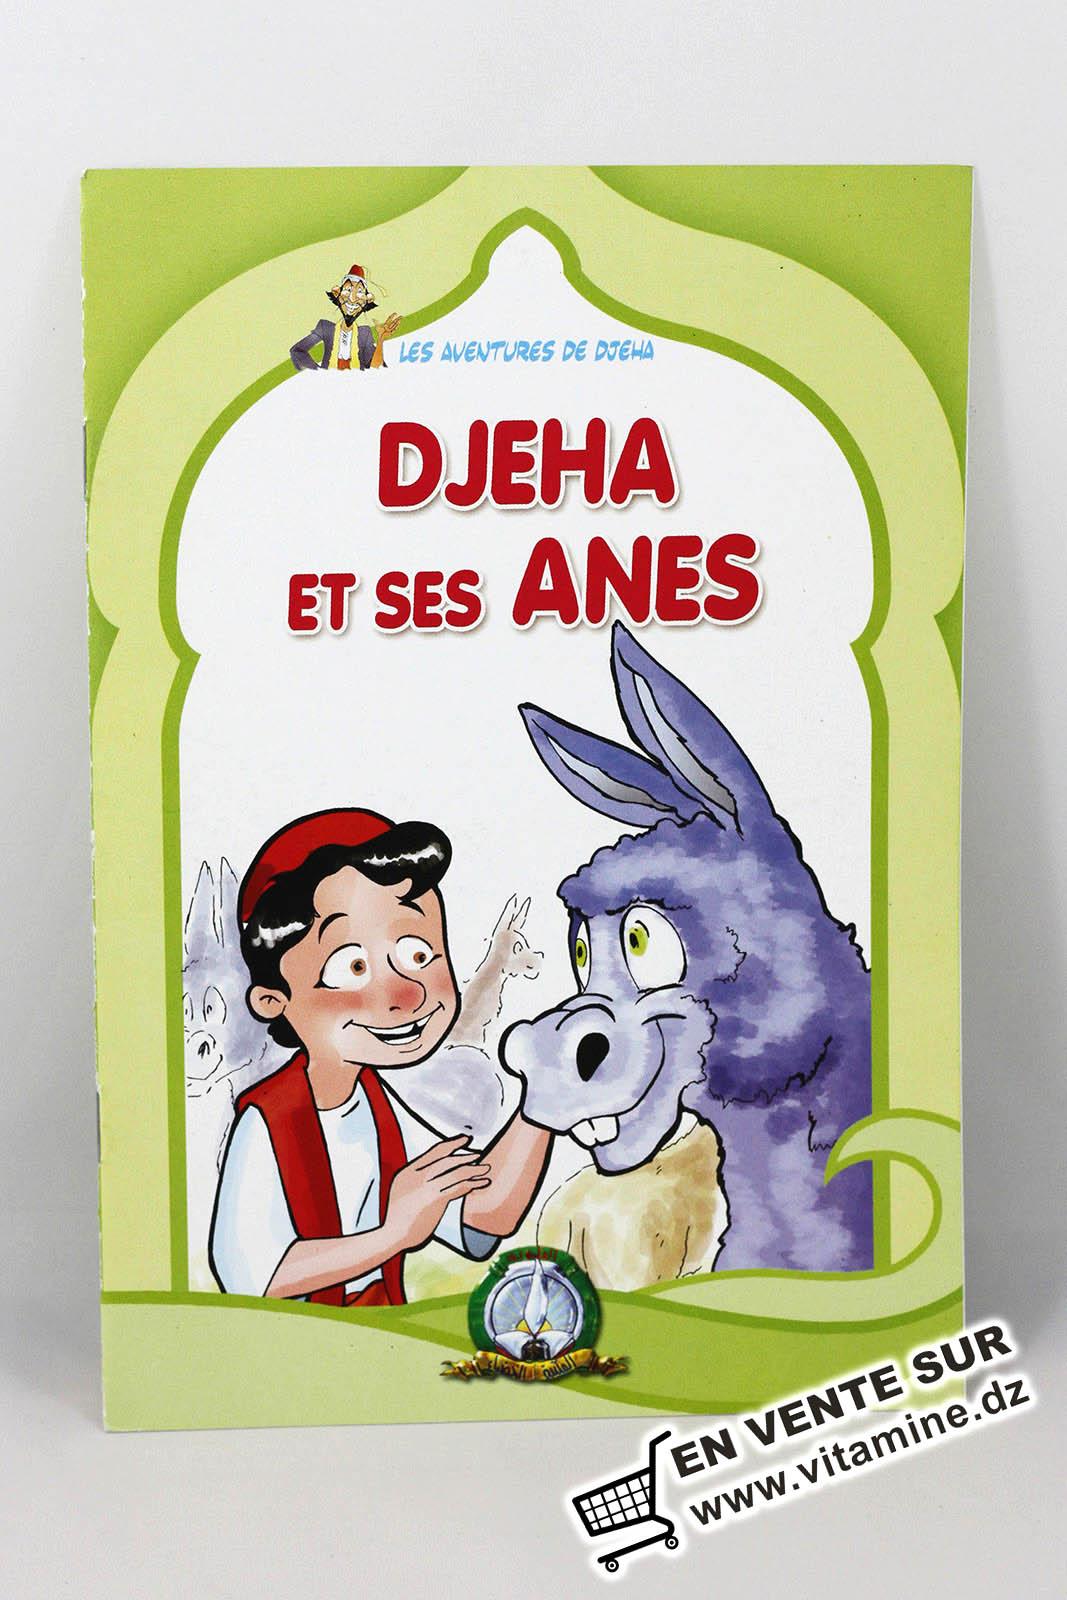 Les aventures de Djeha - Djeha et ses anes